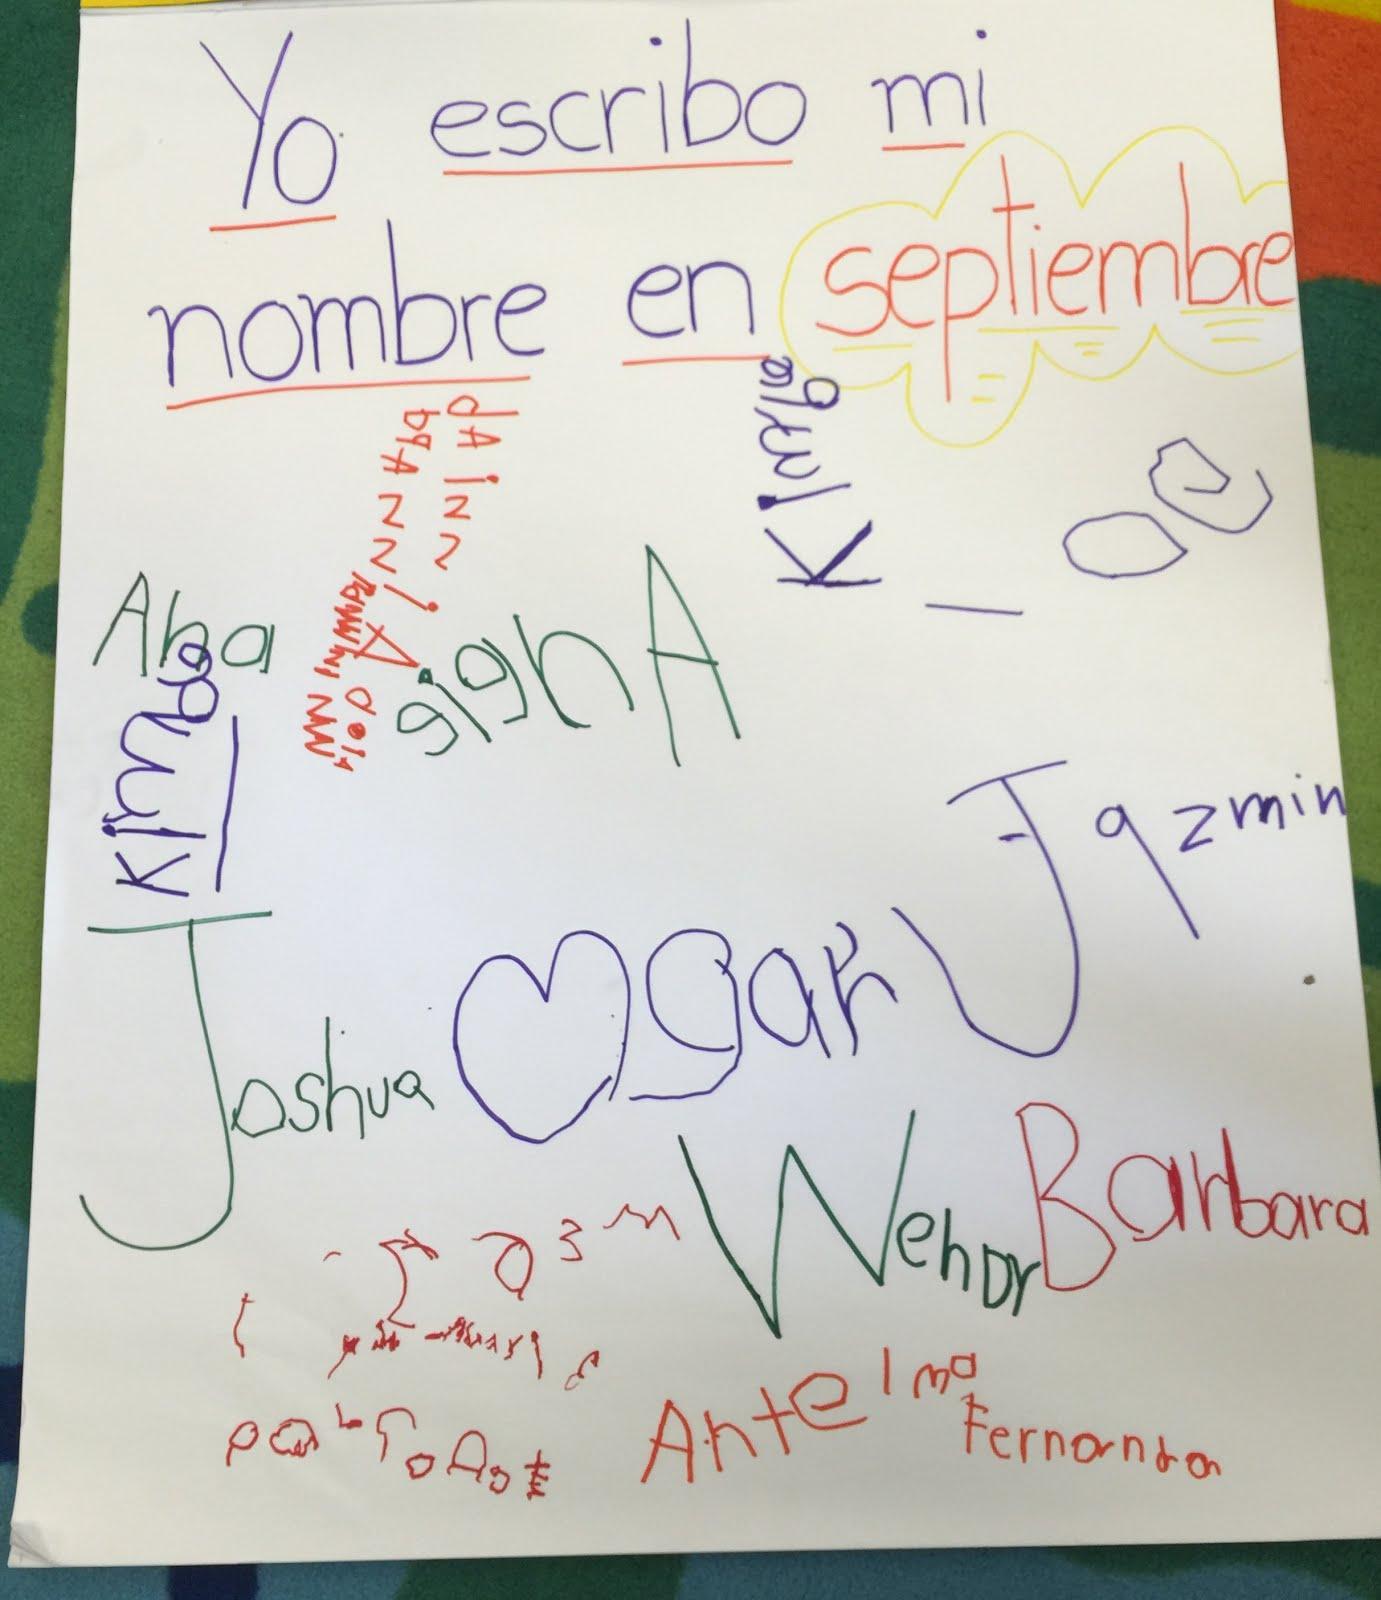 Así escribimos nuestro nombre en septiembre